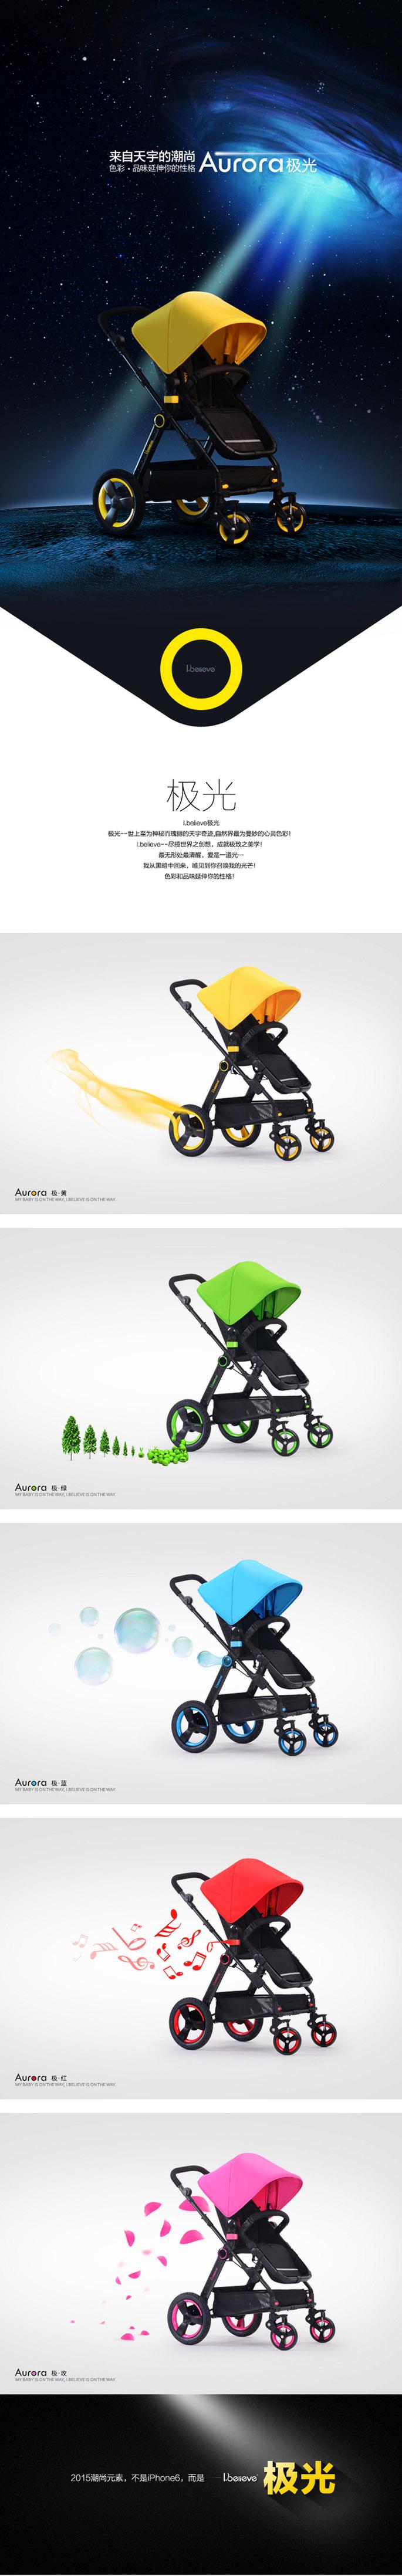 嬰兒車詳情頁